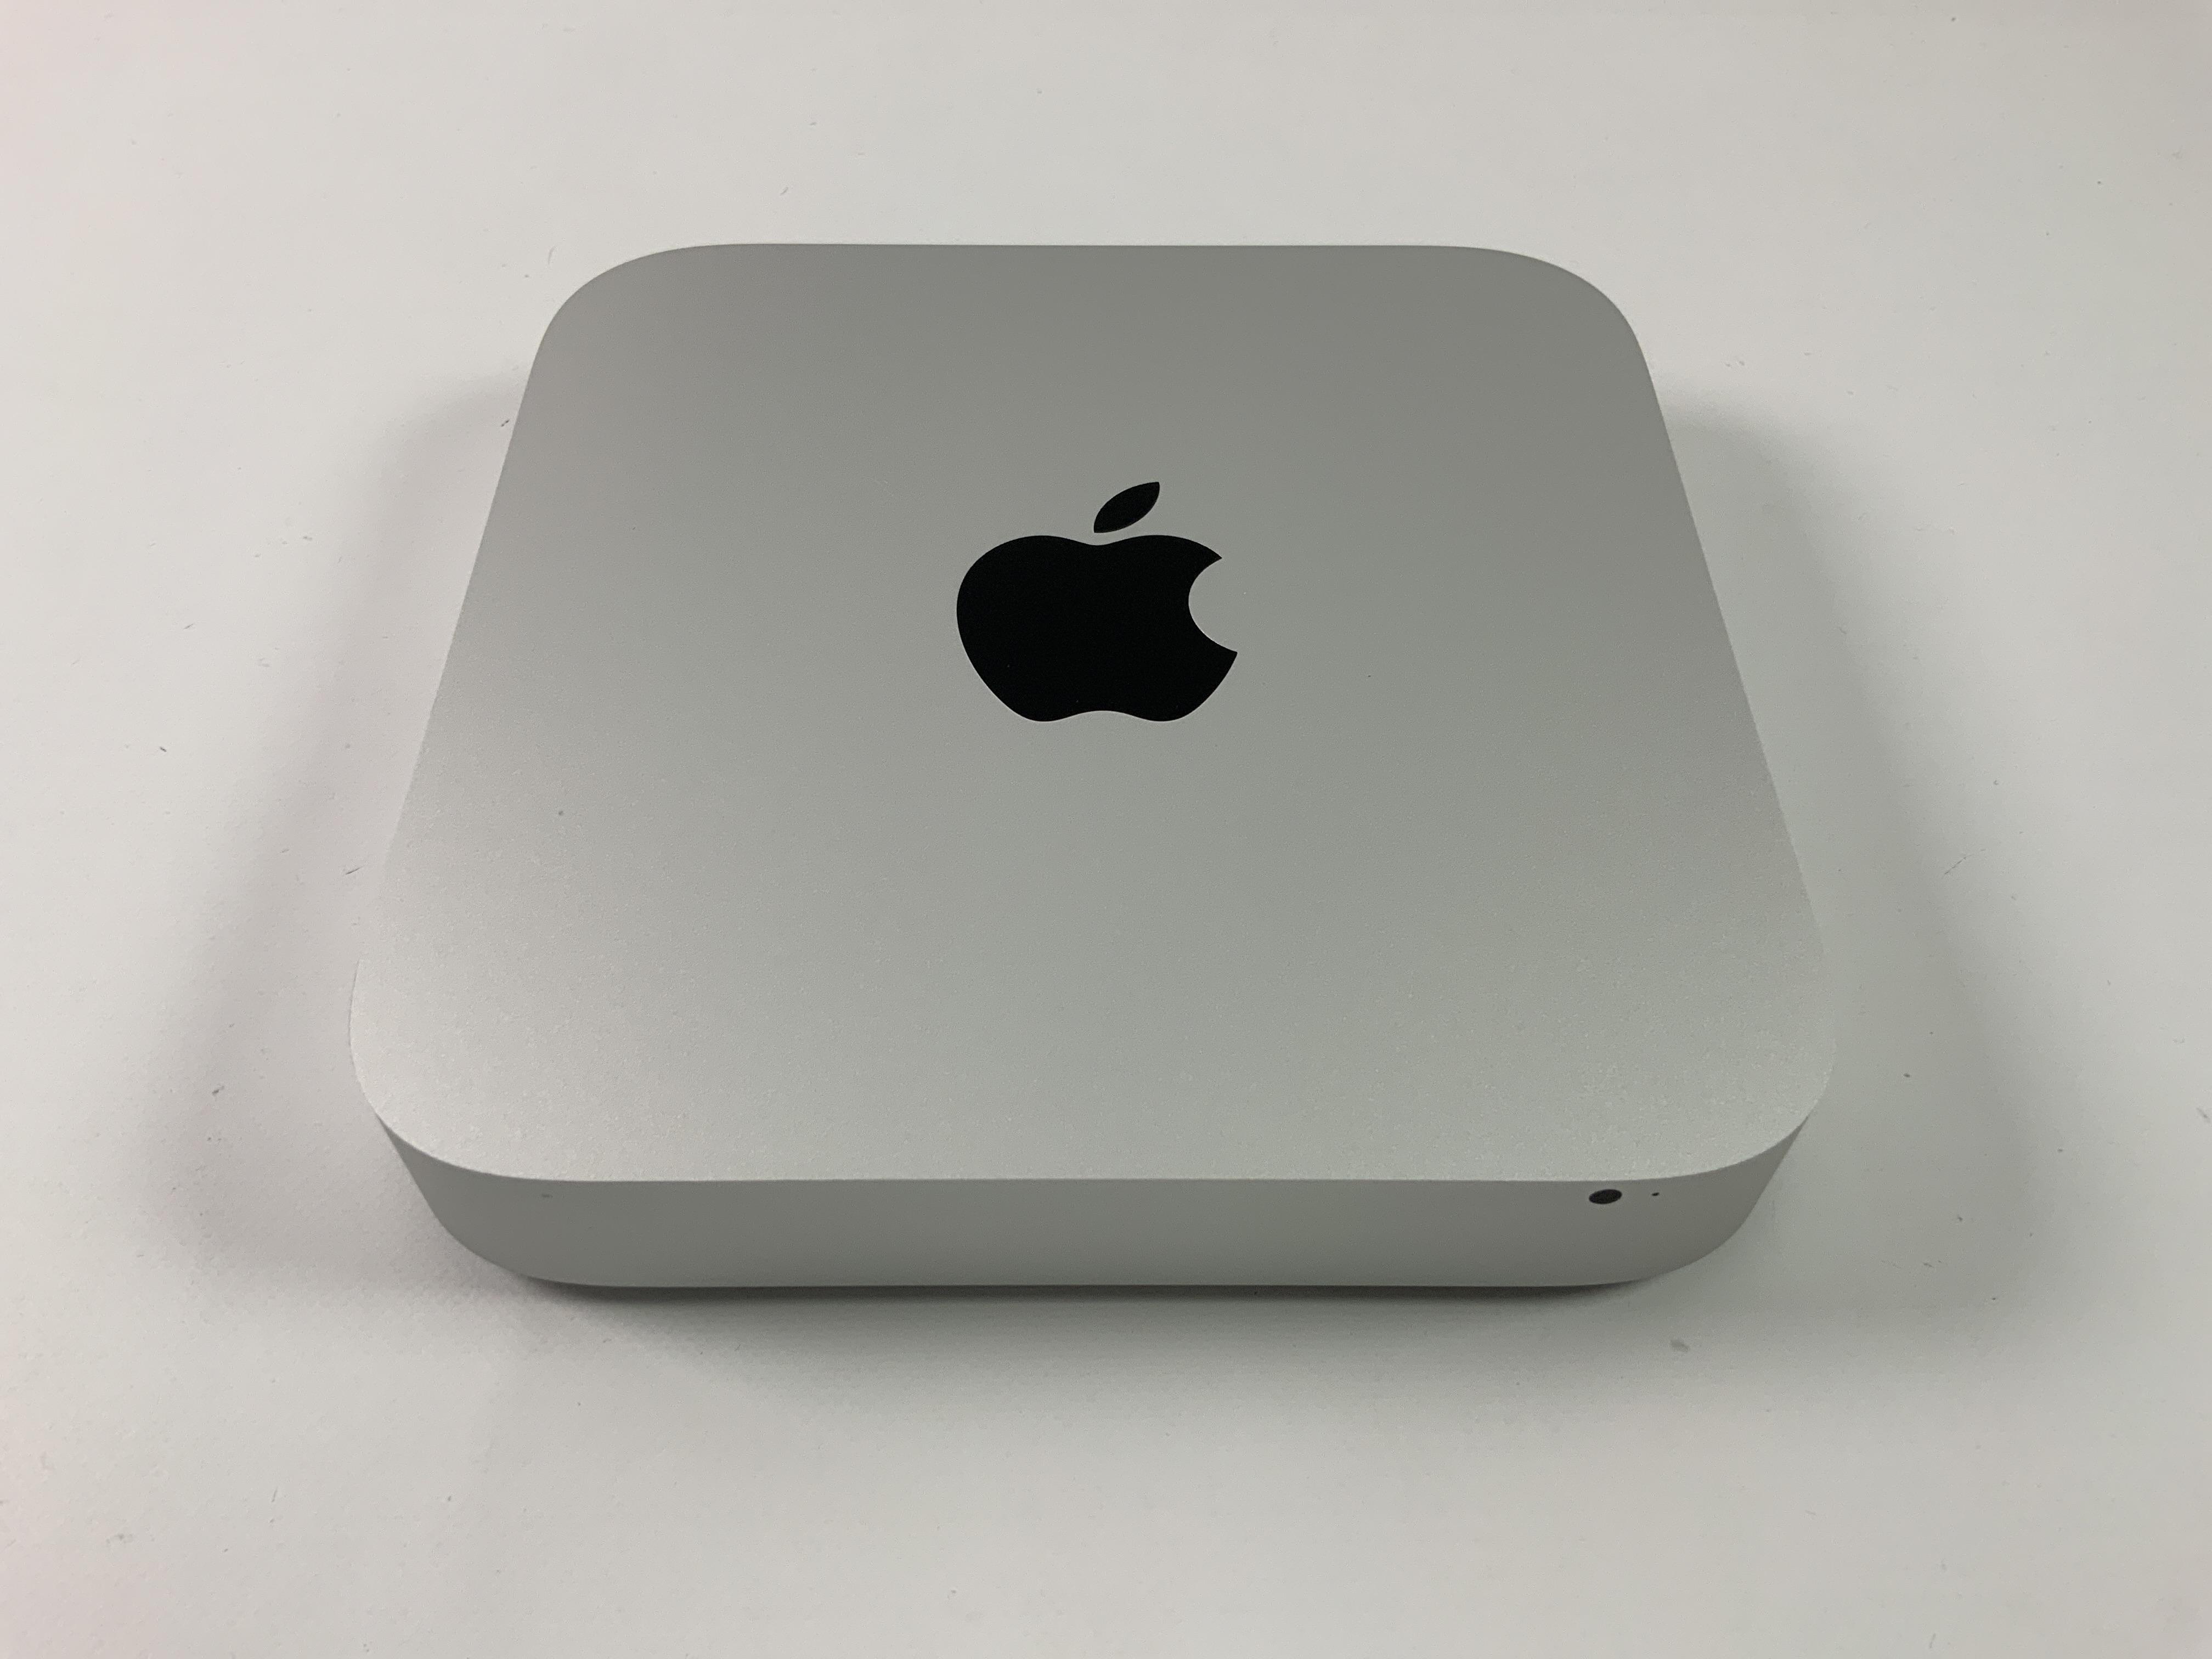 Mac Mini Late 2014 (Intel Core i5 1.4 GHz 4 GB RAM 500 GB HDD), Intel Core i5 1.4 GHz, 4 GB RAM, 500 GB HDD, Afbeelding 1